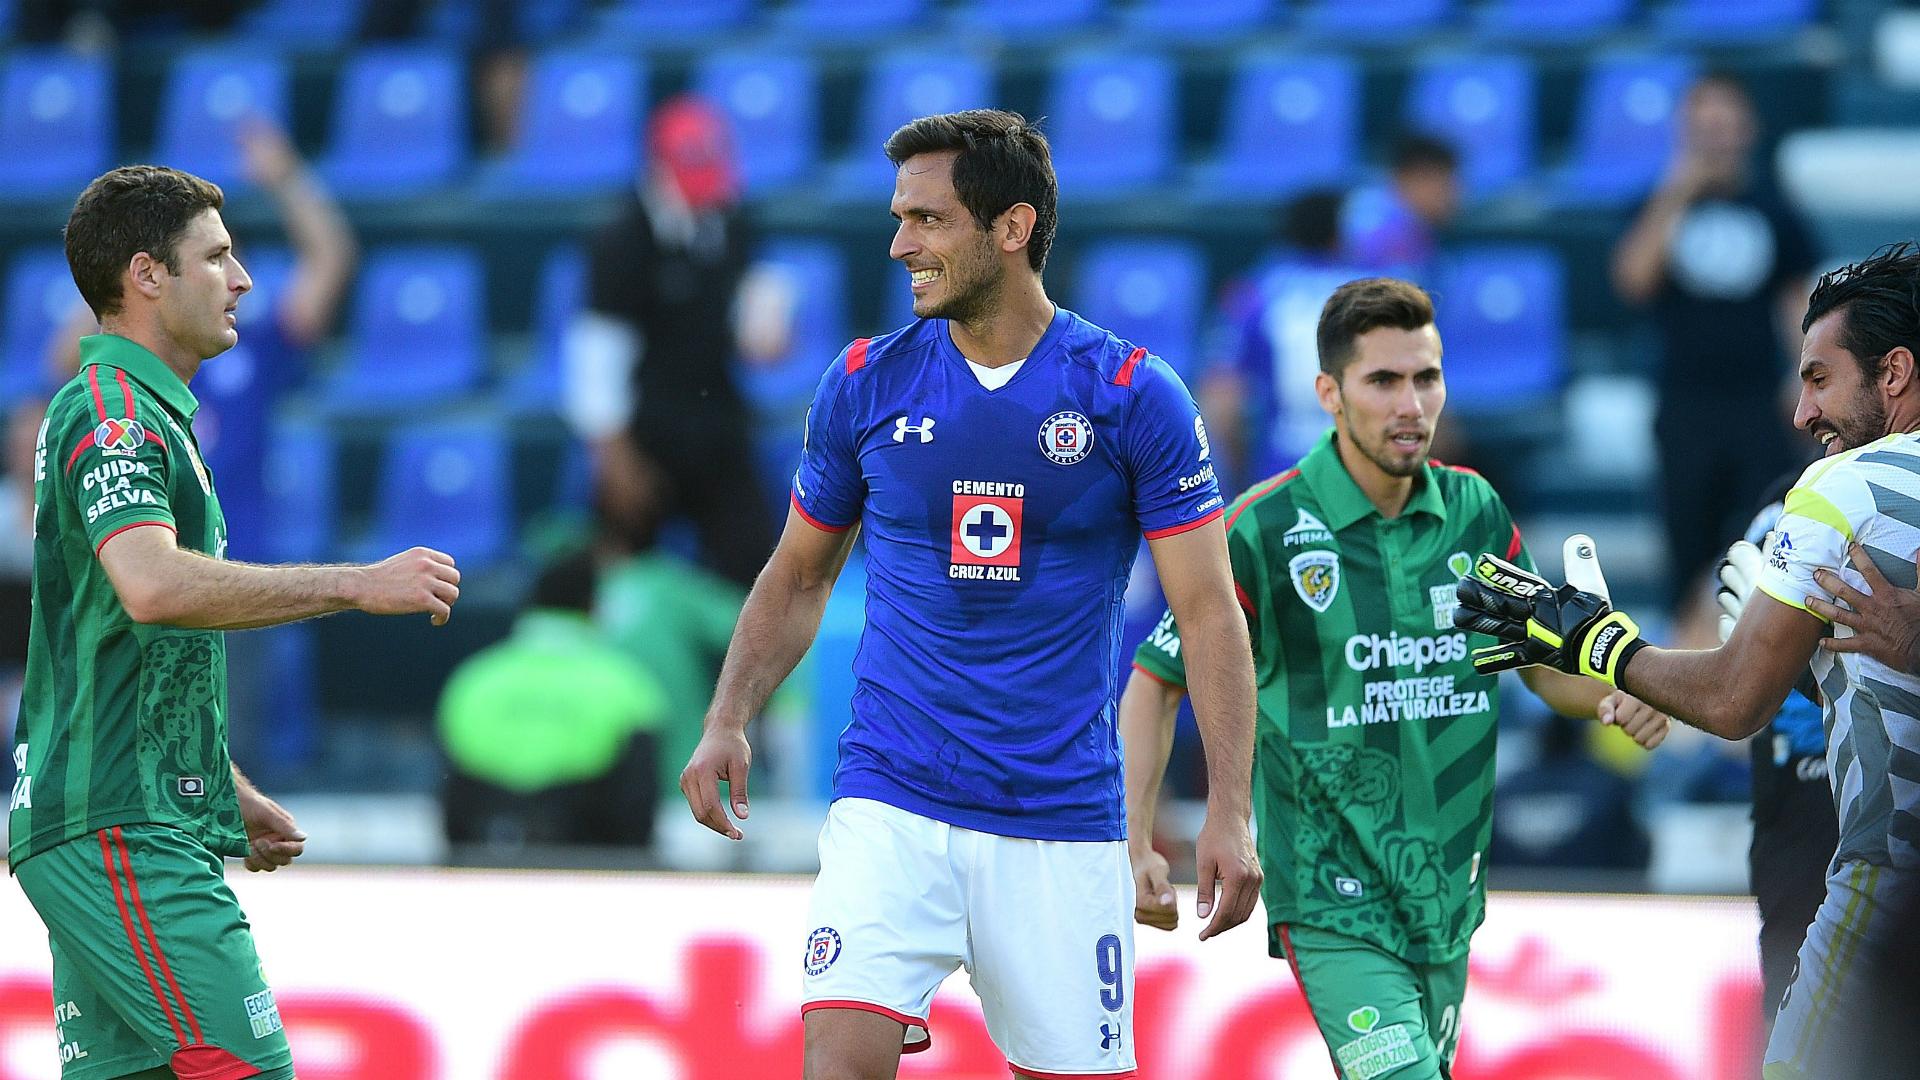 Cruz Azul oficializa salida del mediocampista argentino Ariel Rojas